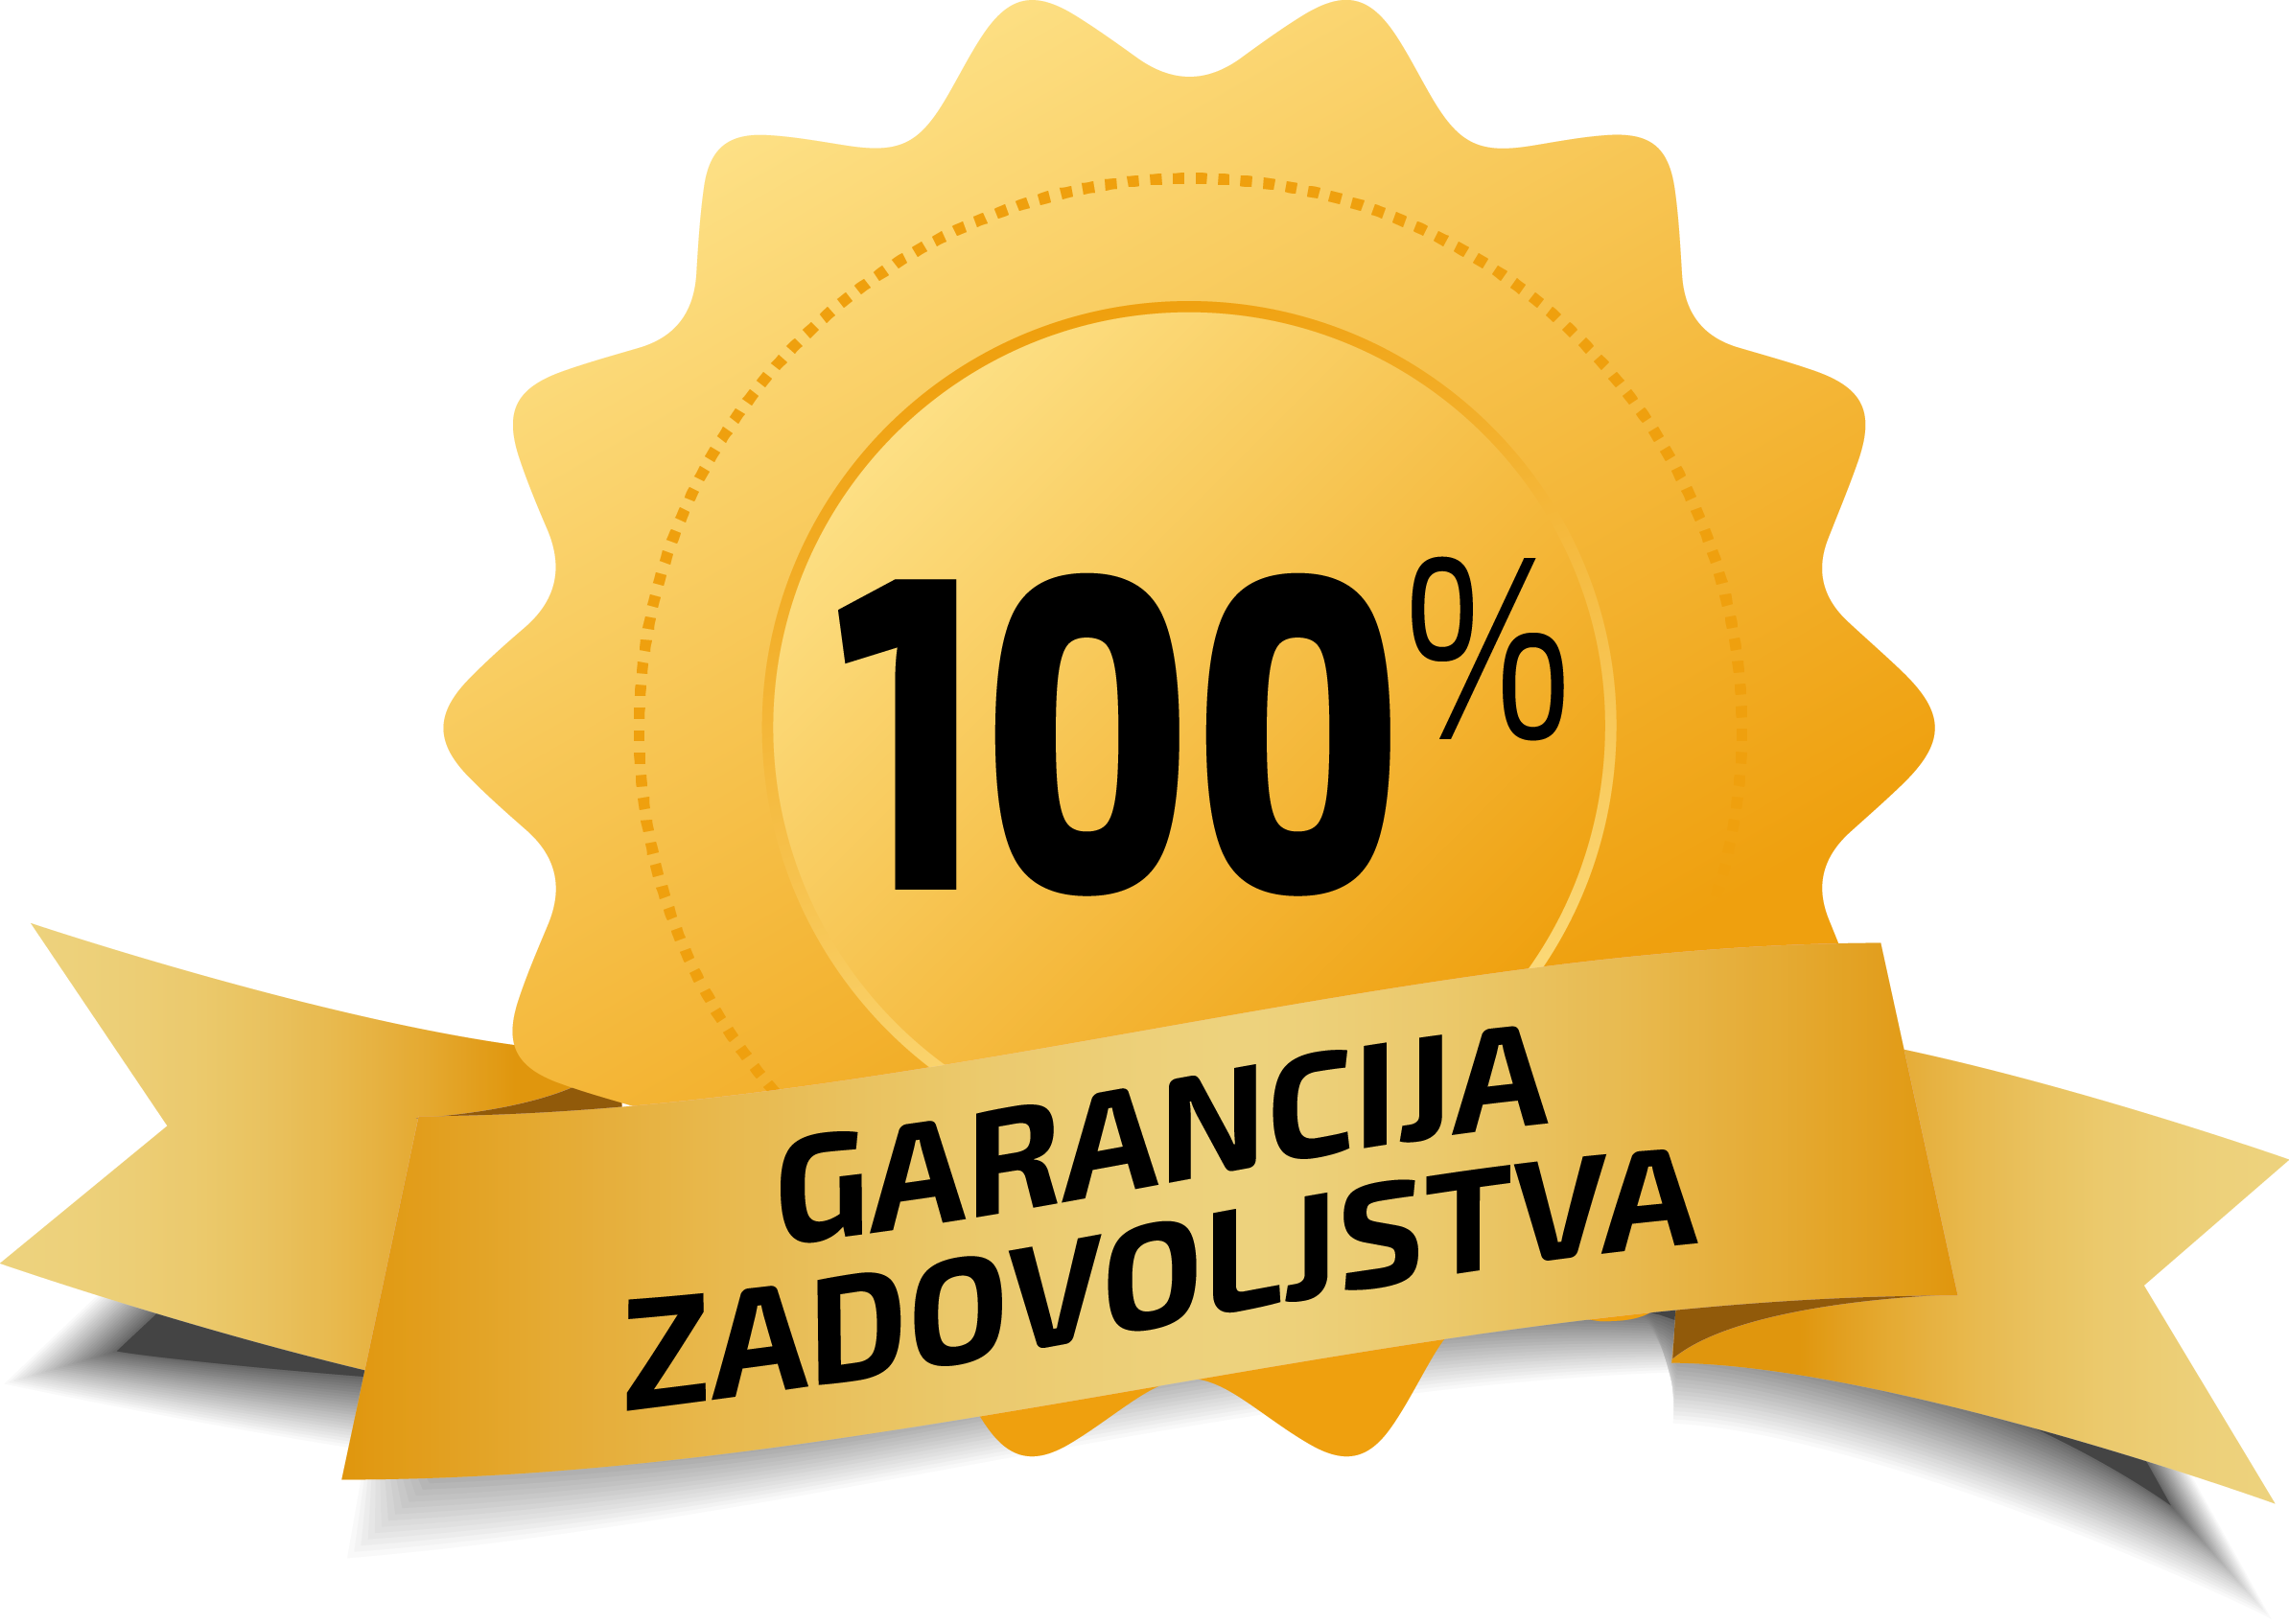 https://www.zabavni-izdelki.si/image/catalog/Banner/111garancija-zadovoljstva.png